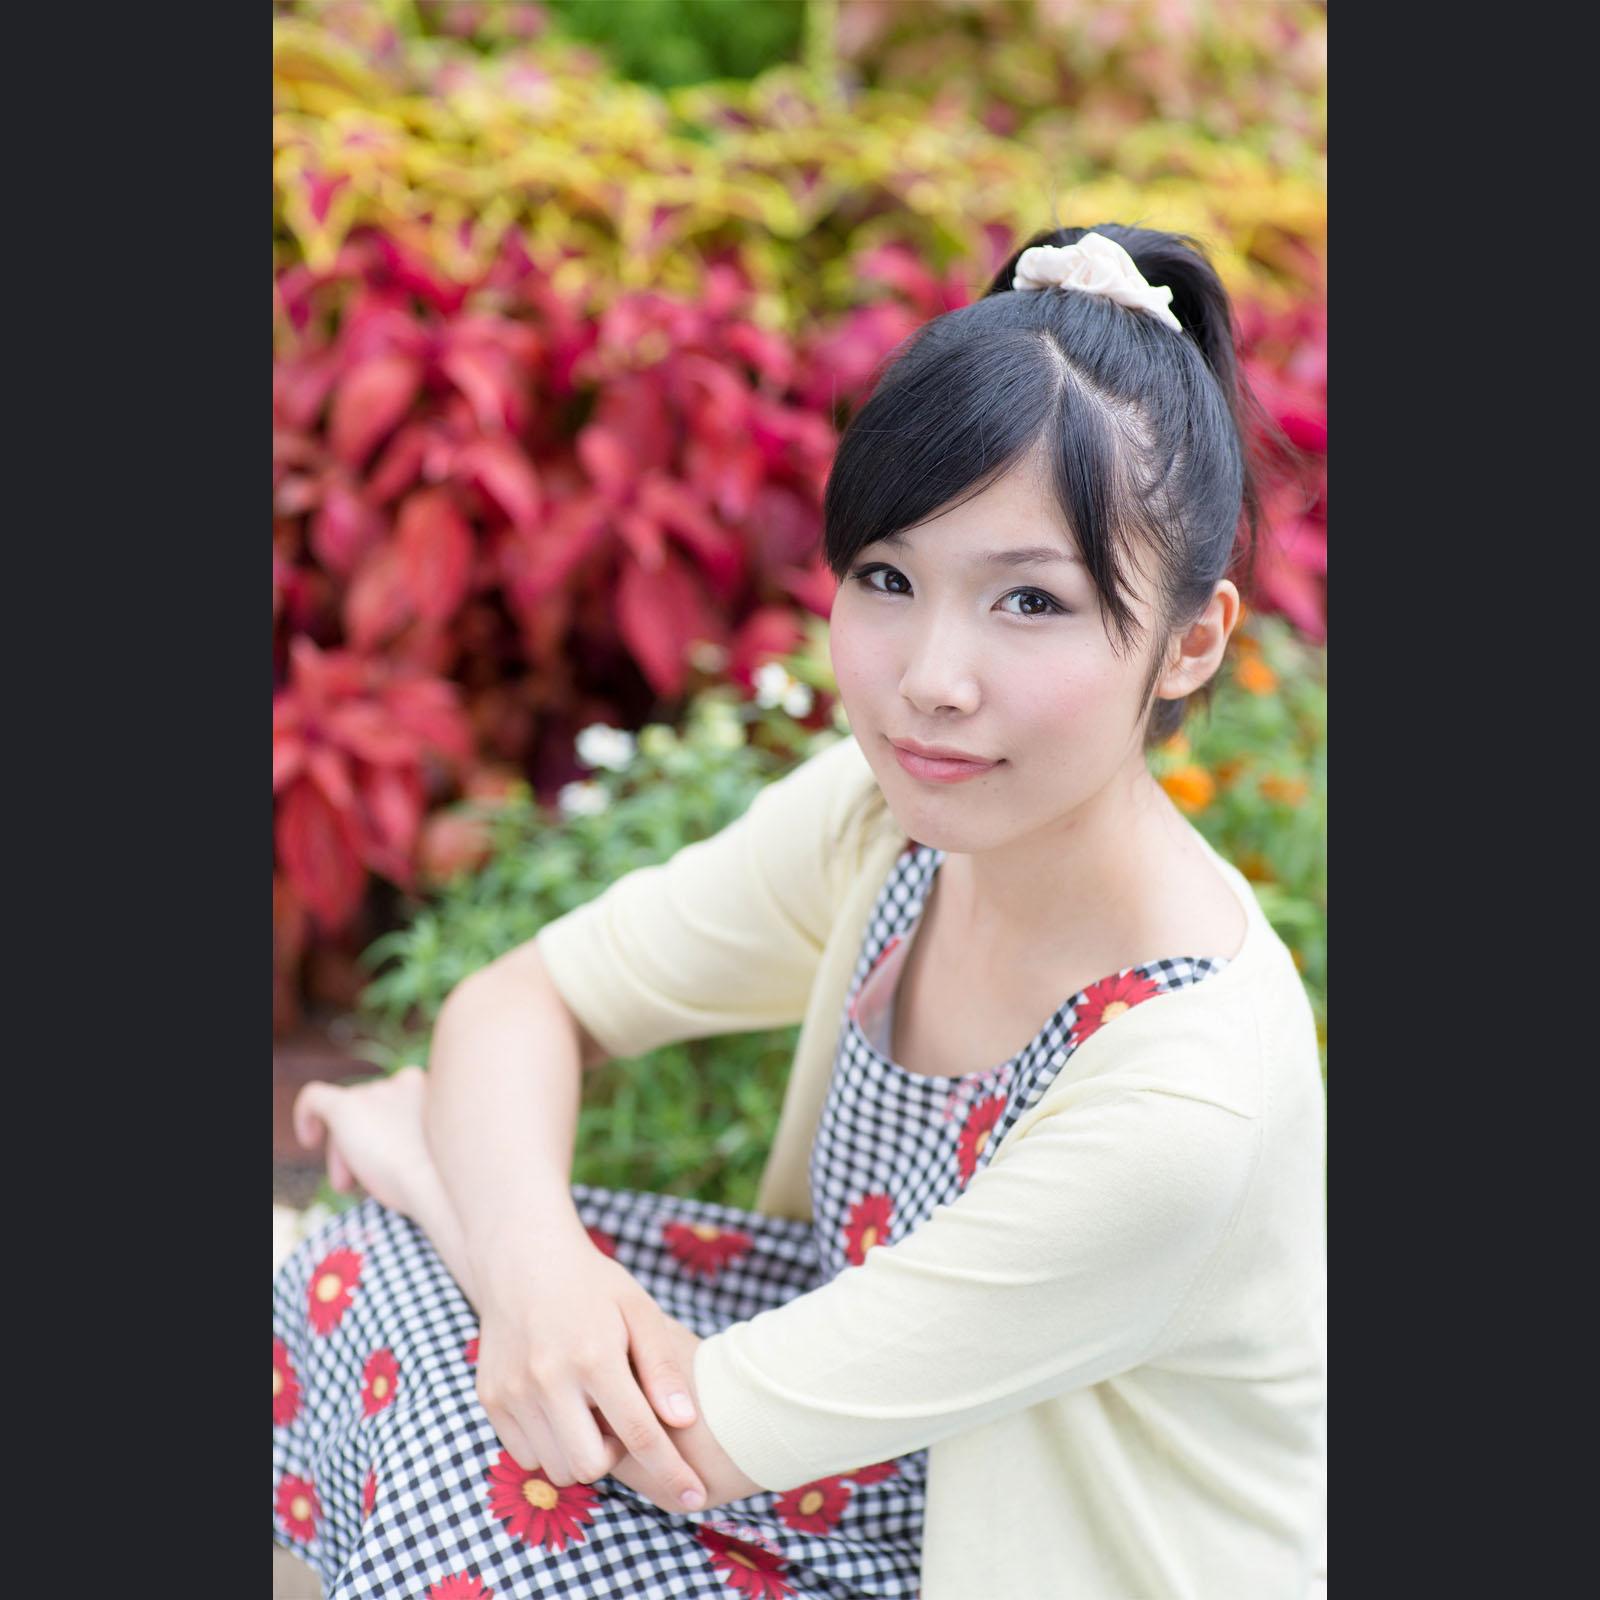 f0269385_13122970.jpg